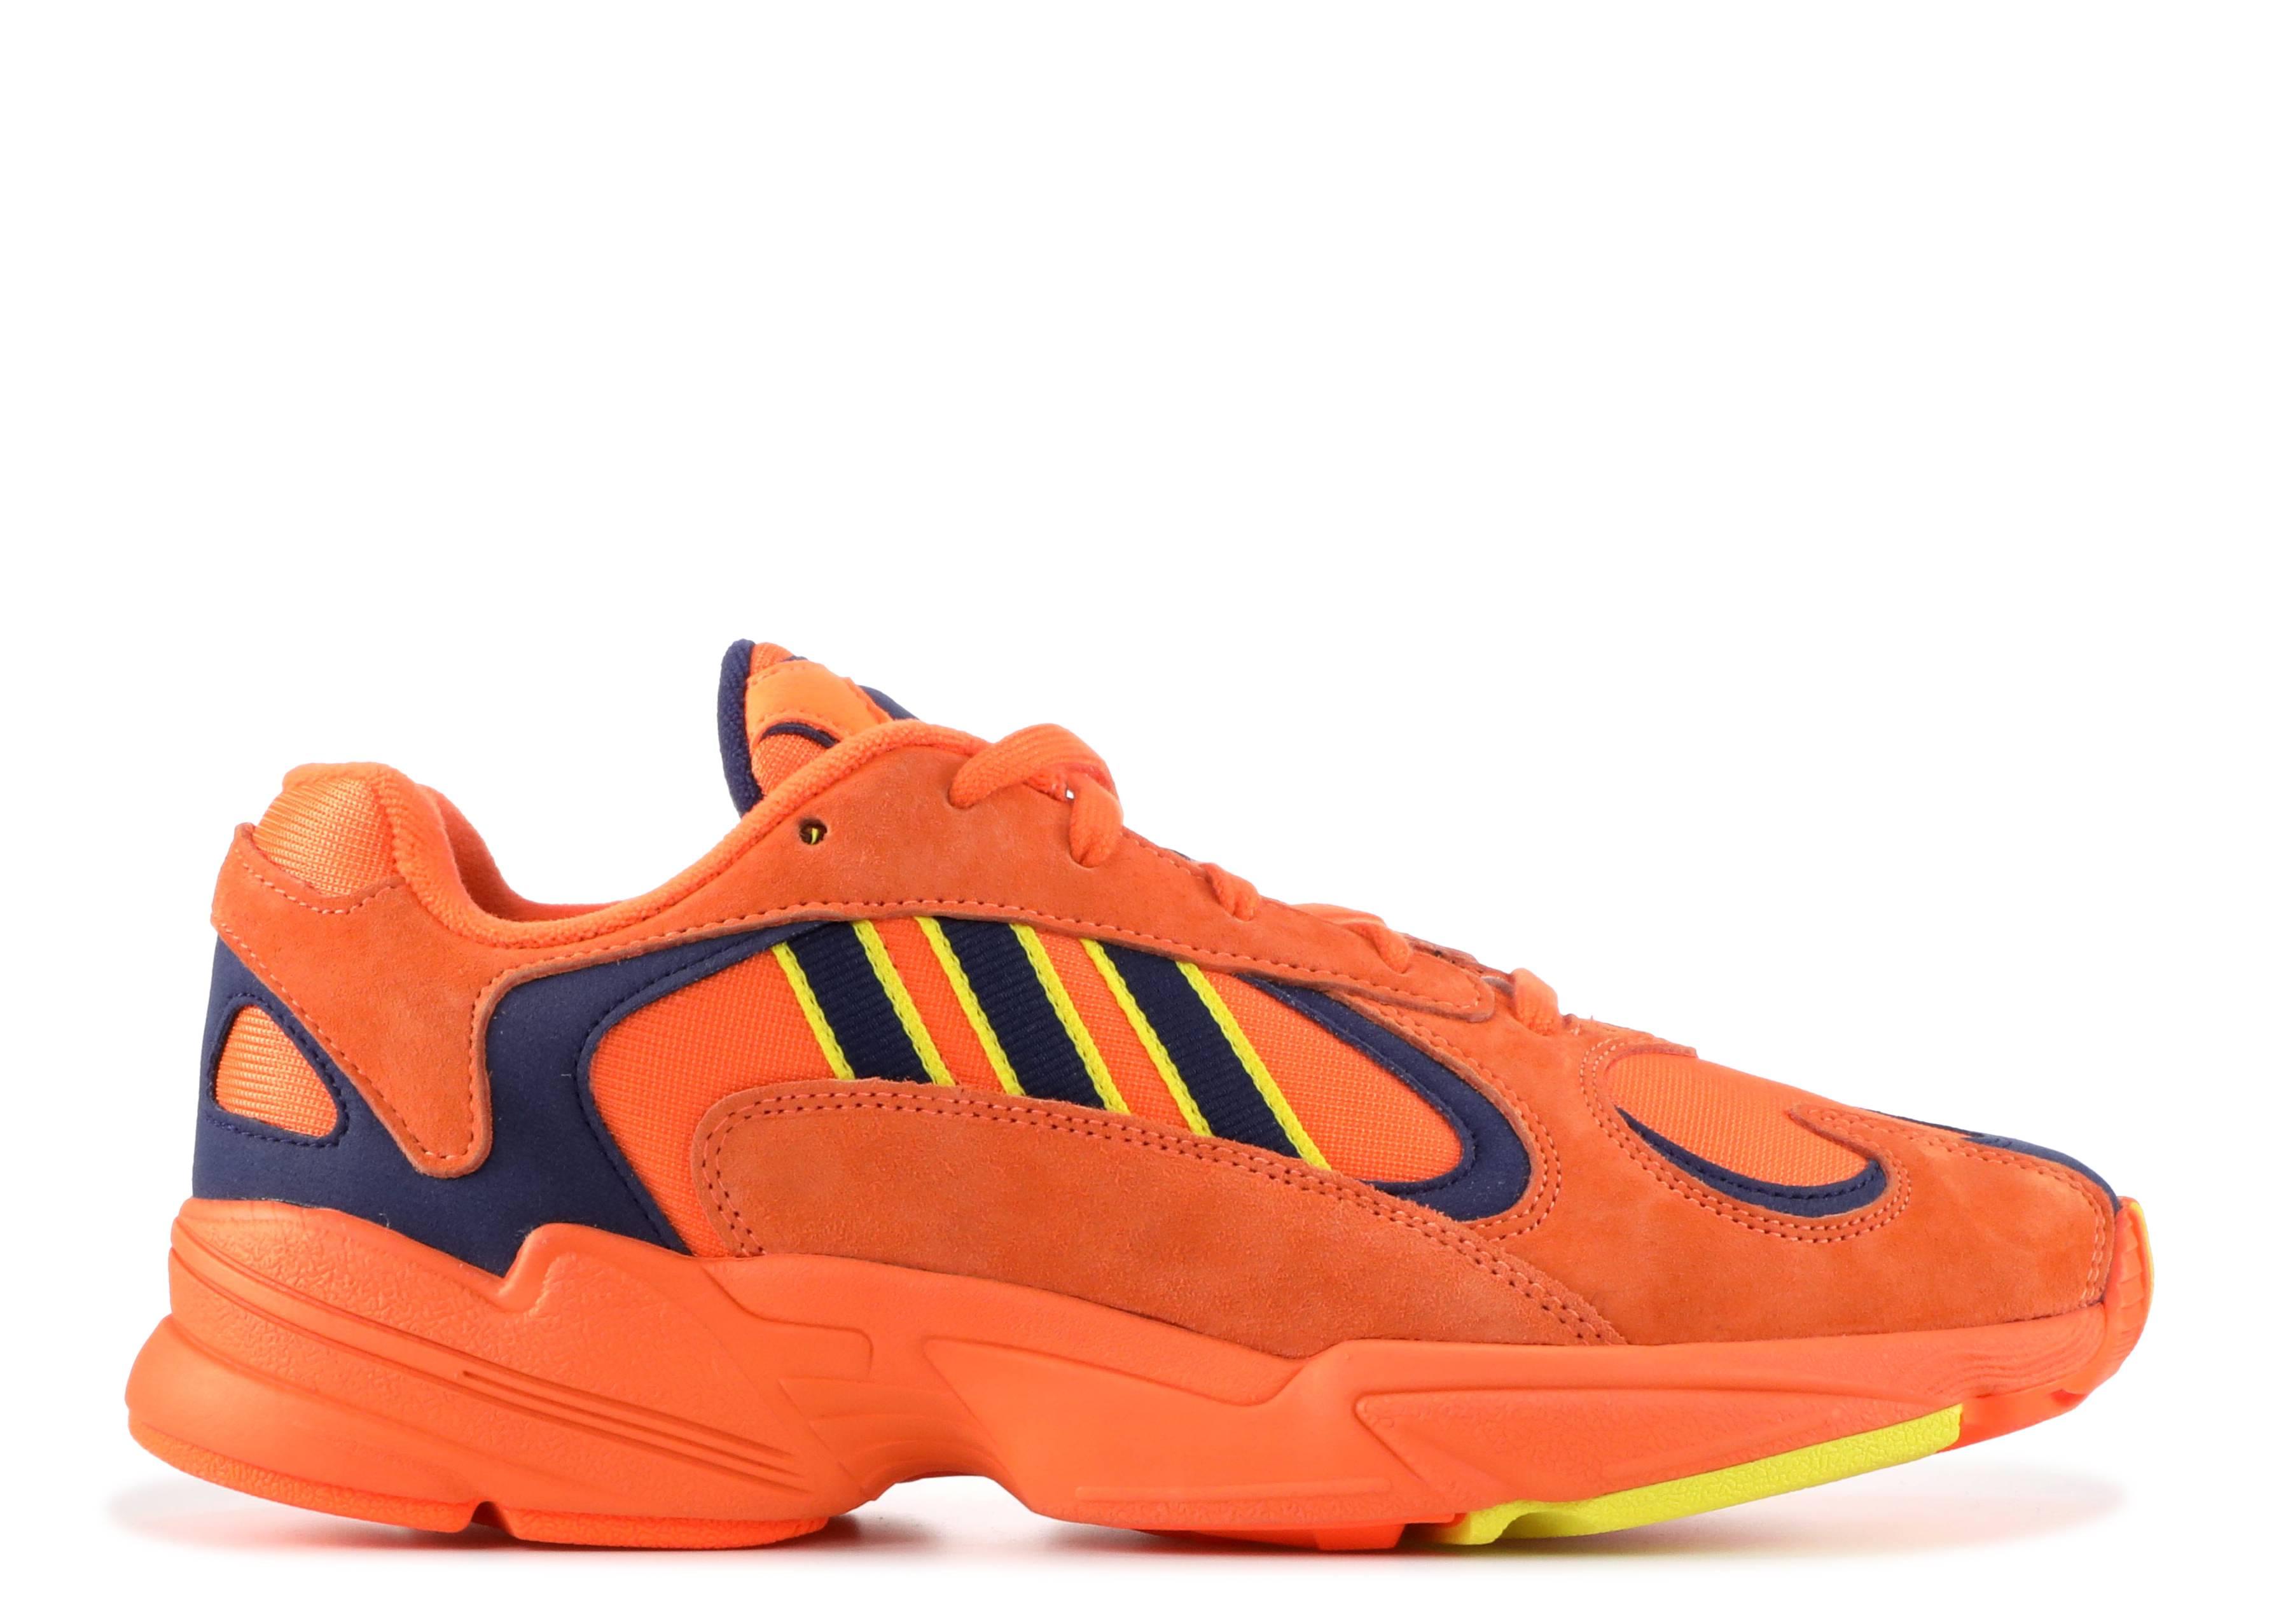 Adidas Dbz 6